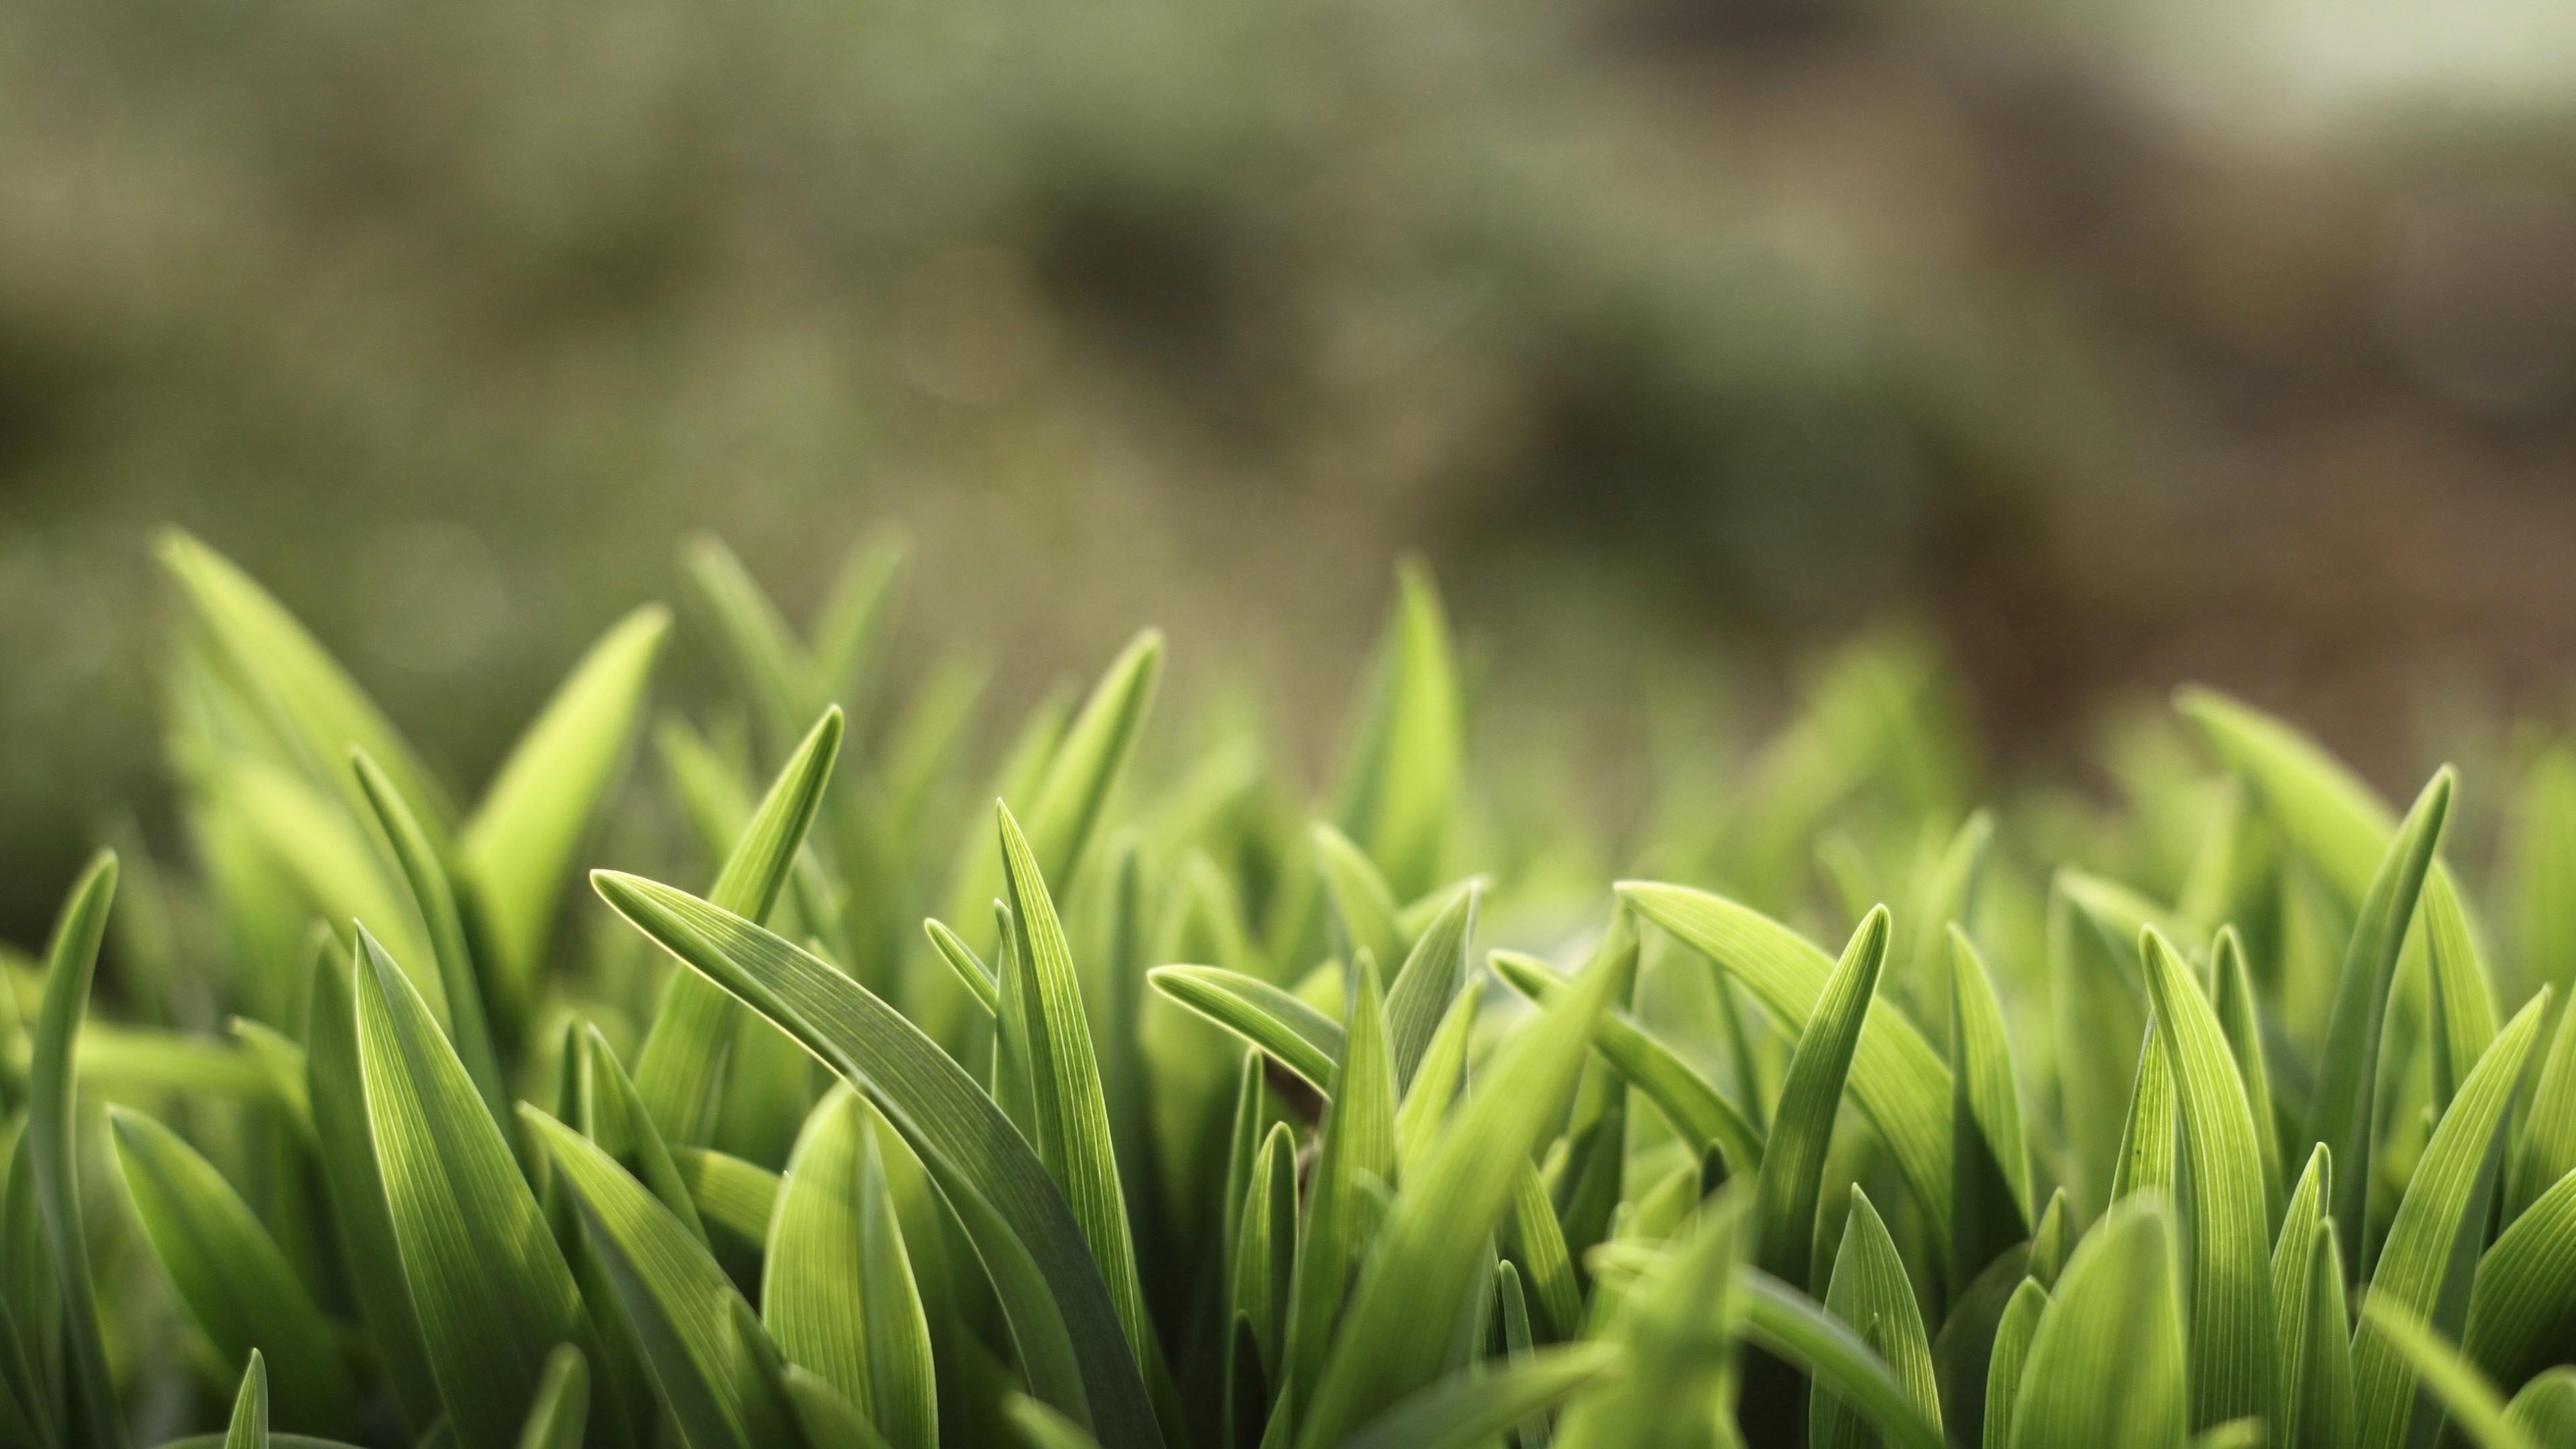 Обои Зеленая трава, 5k, 4k, макро, Green Grass, 5k, 4k